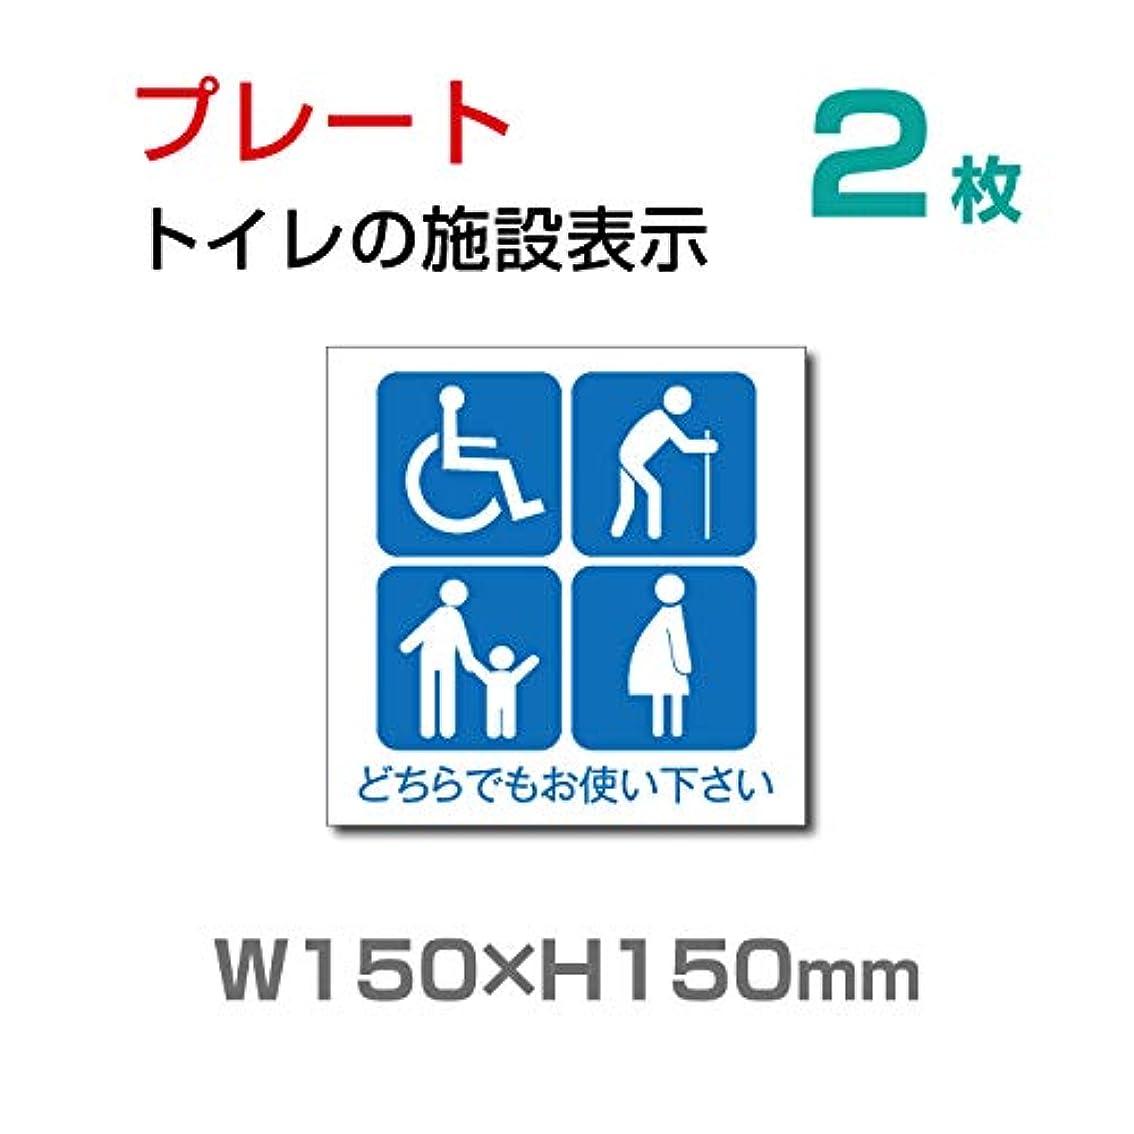 咽頭に関して十年【多目的トイレ】W150mm×H150mm TOILET トイレ お手洗い 化粧室 施設 サイン ピクト マーク イラスト 案内 誘導 プレート(TOI-123-2)(2枚組)